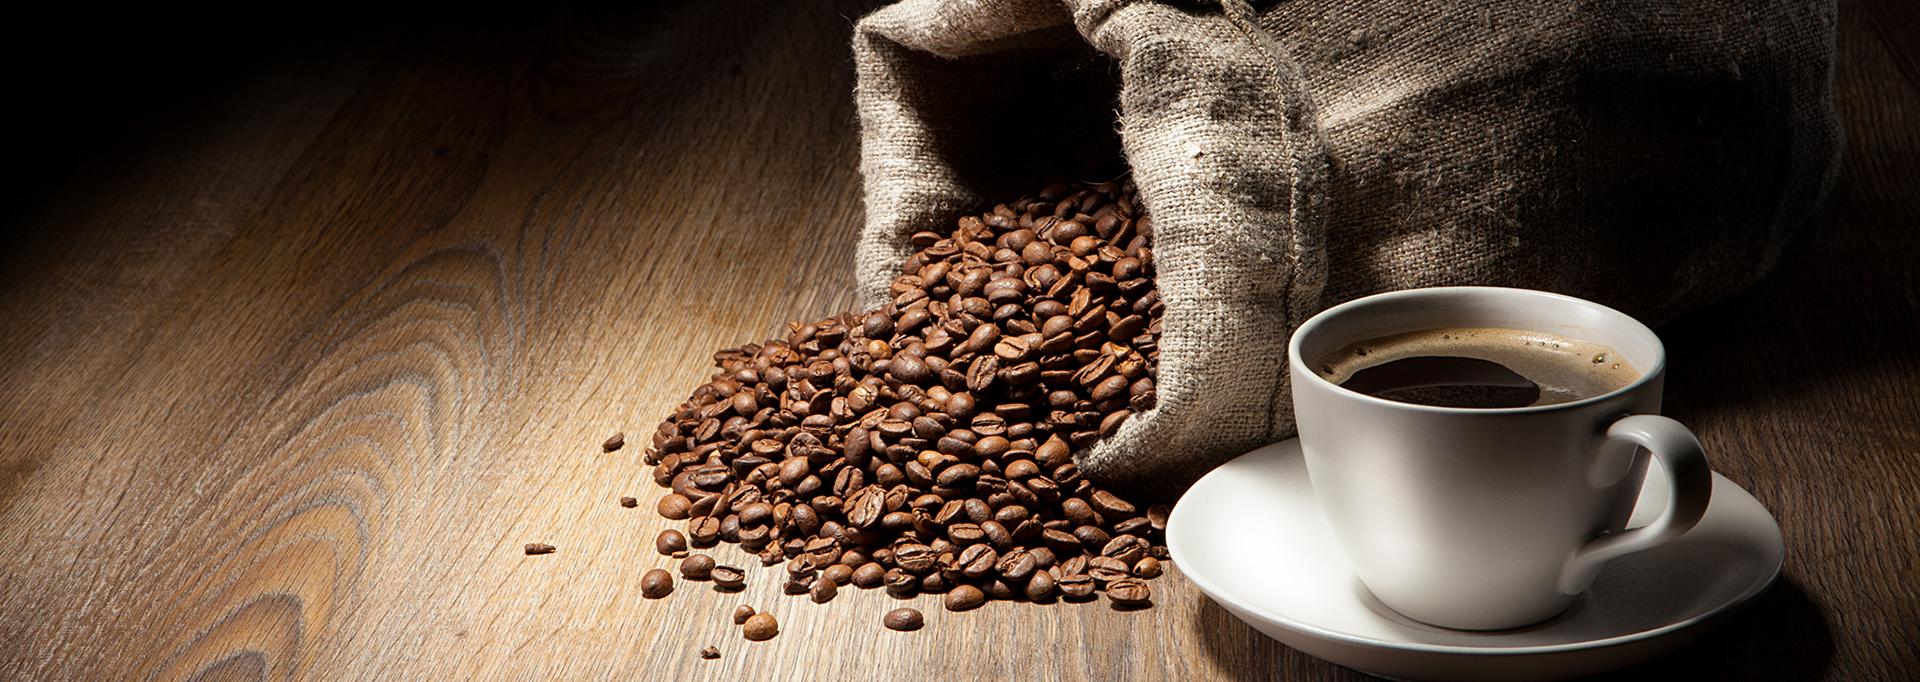 Café destaque 2